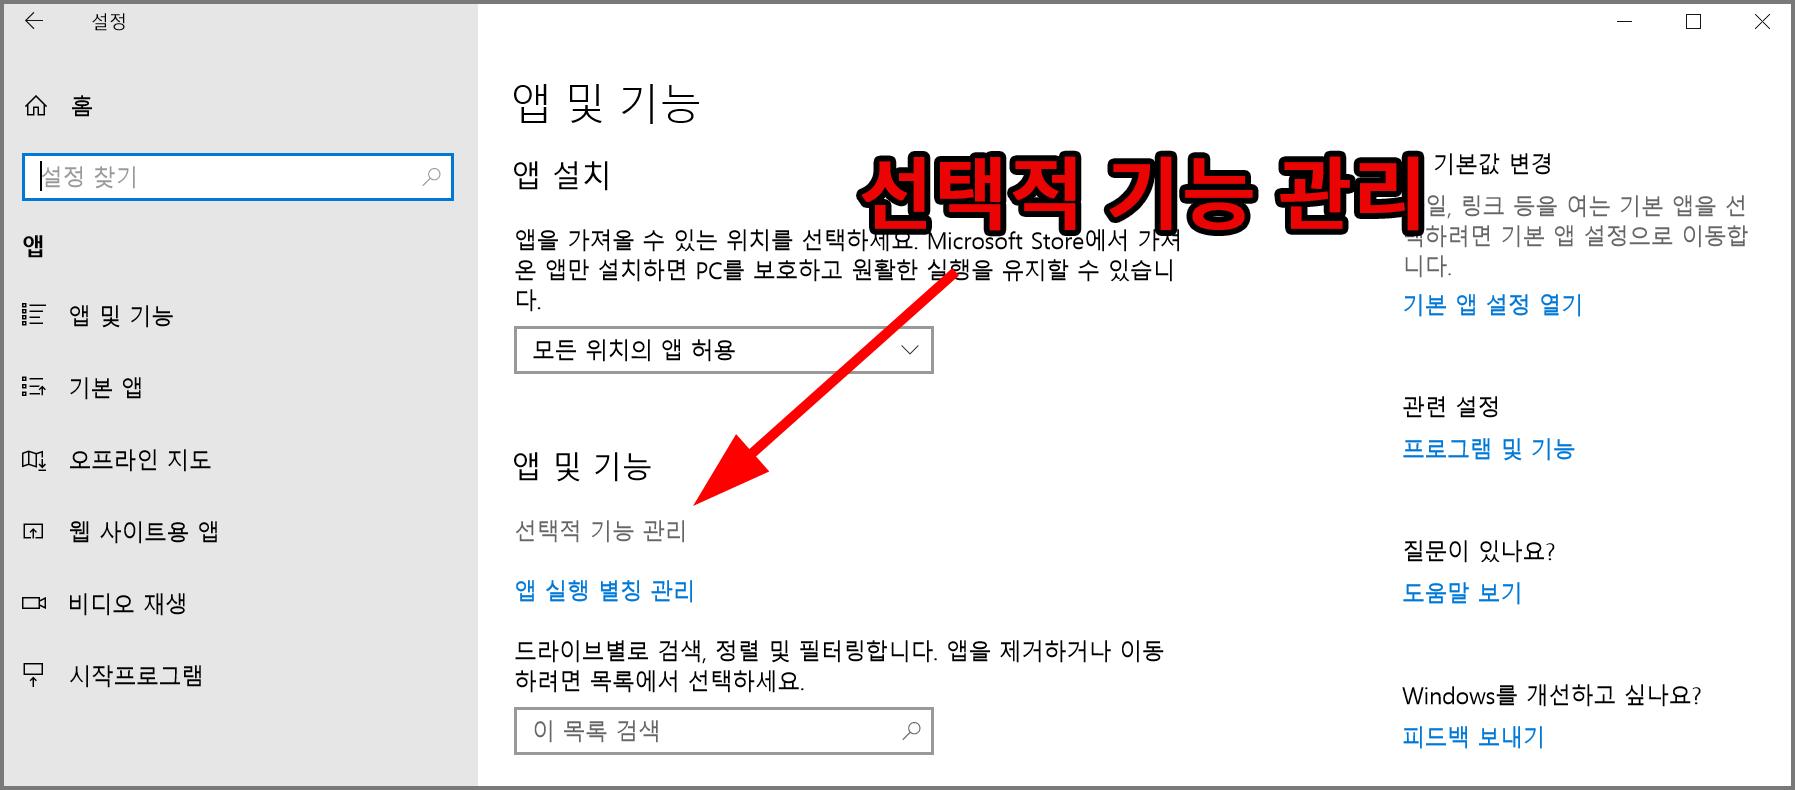 윈도우10 설정 - 선택적 앱기능